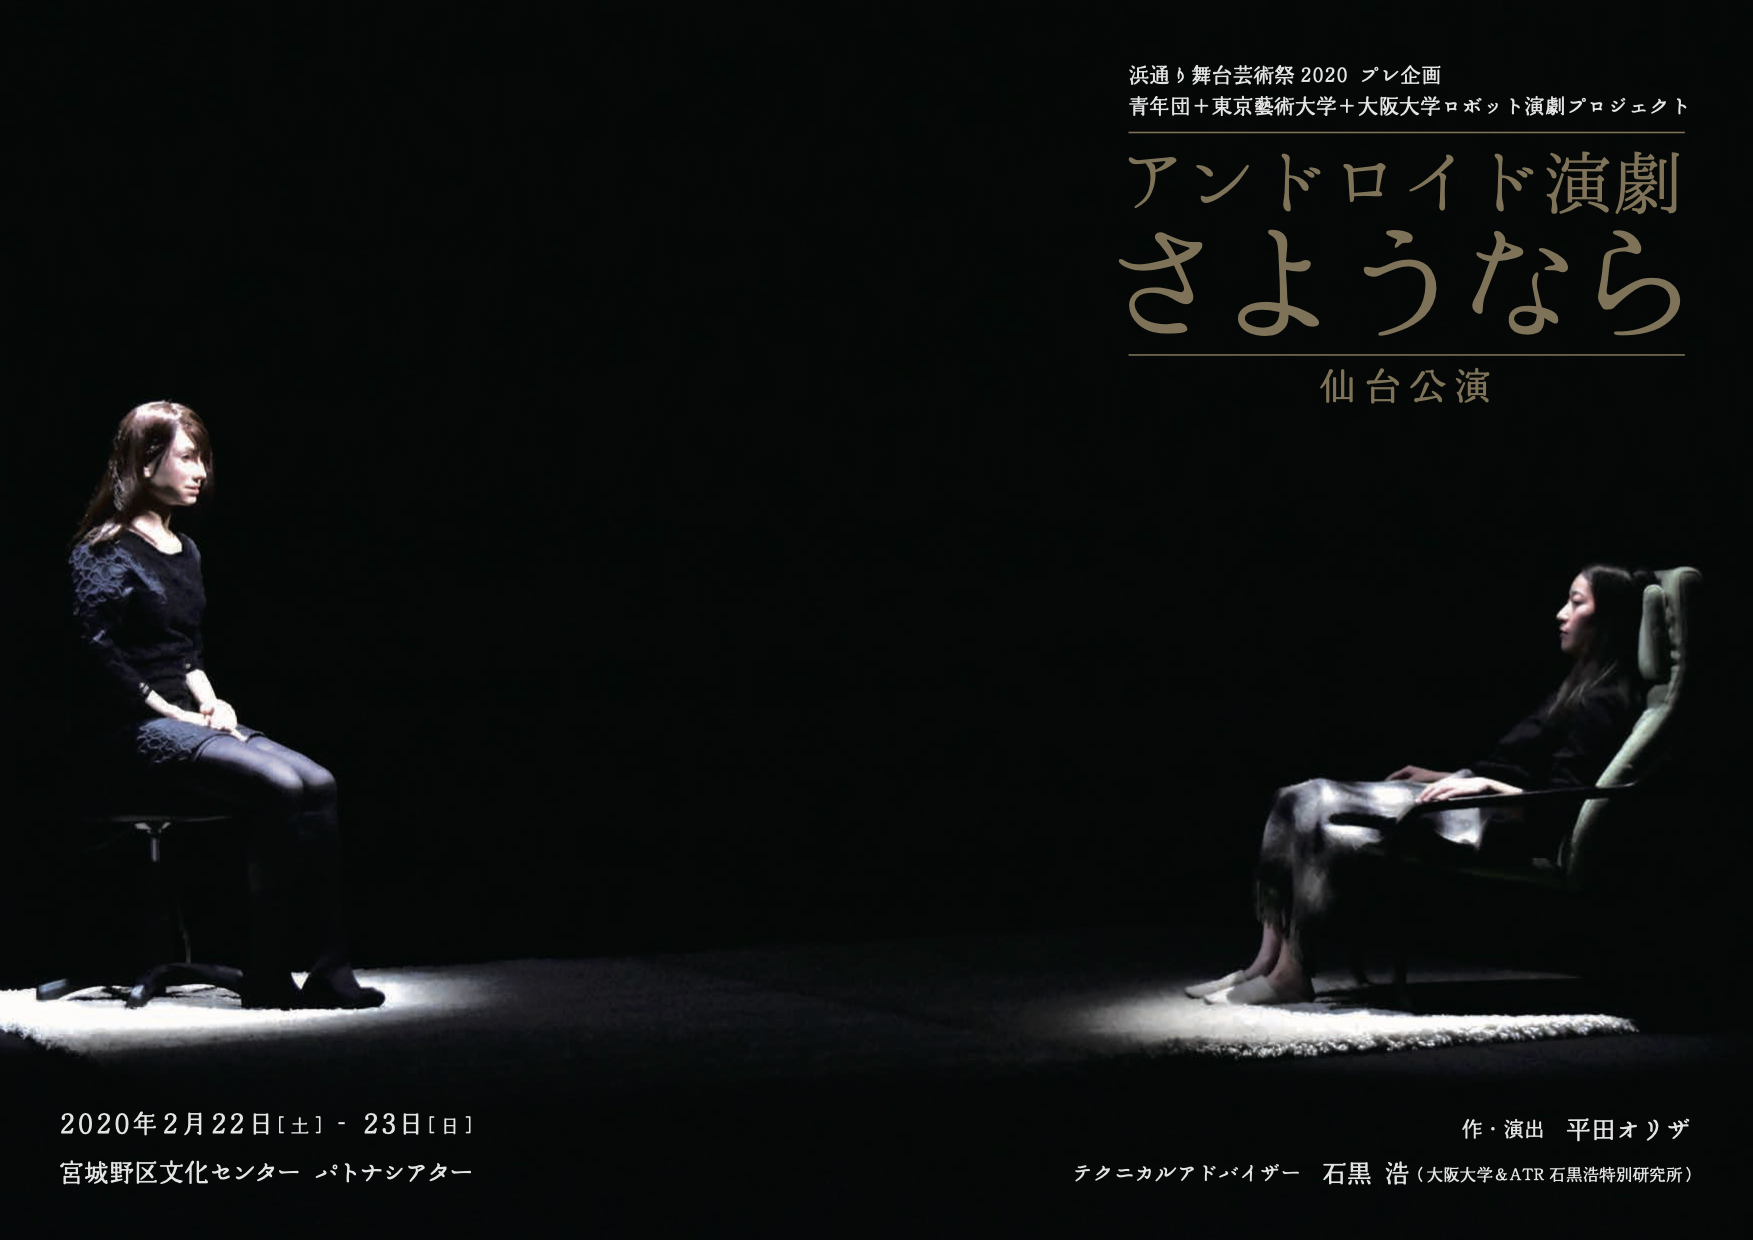 アンドロイド演劇「さようなら」仙台公演 2月22日(土) 18:00の回